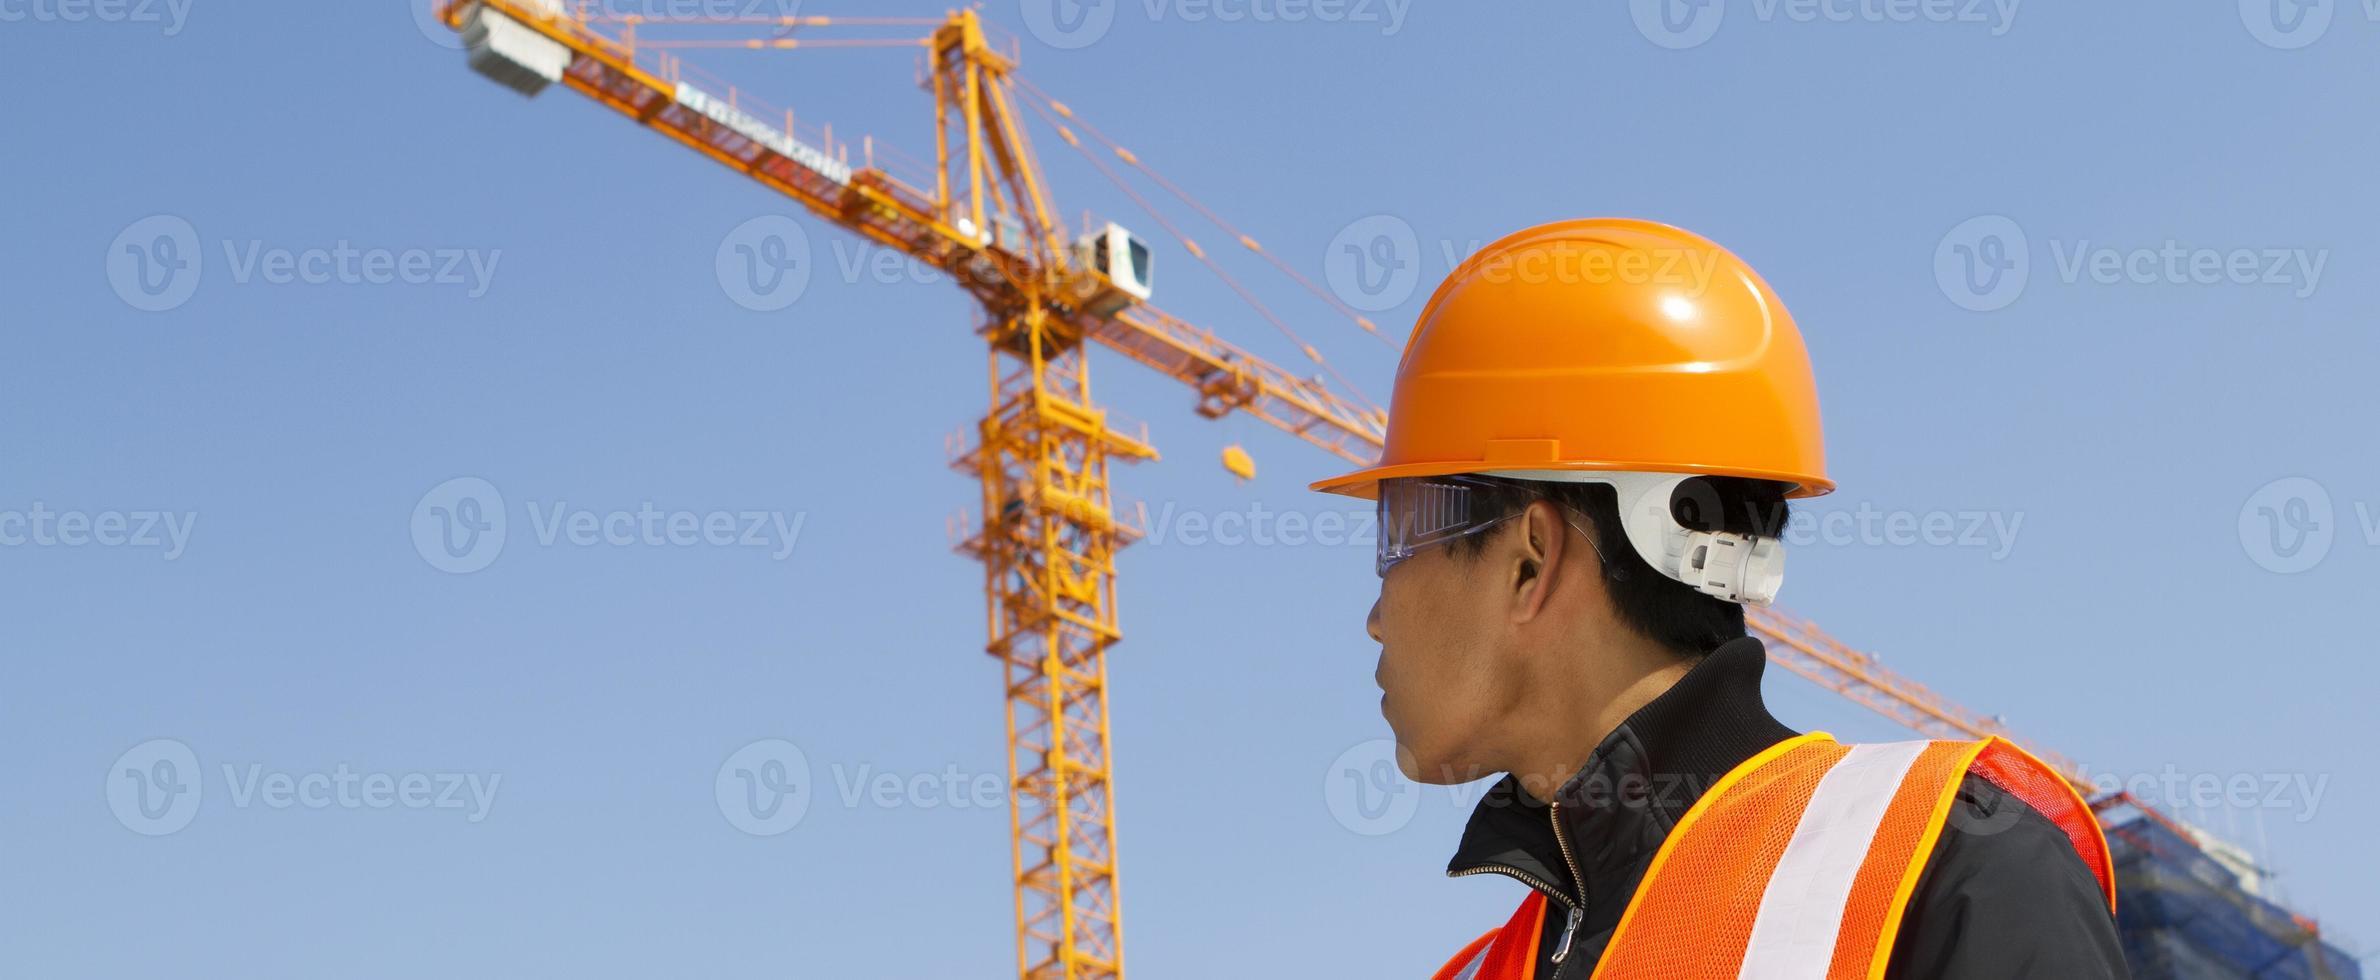 inspector de constructores en construcción foto